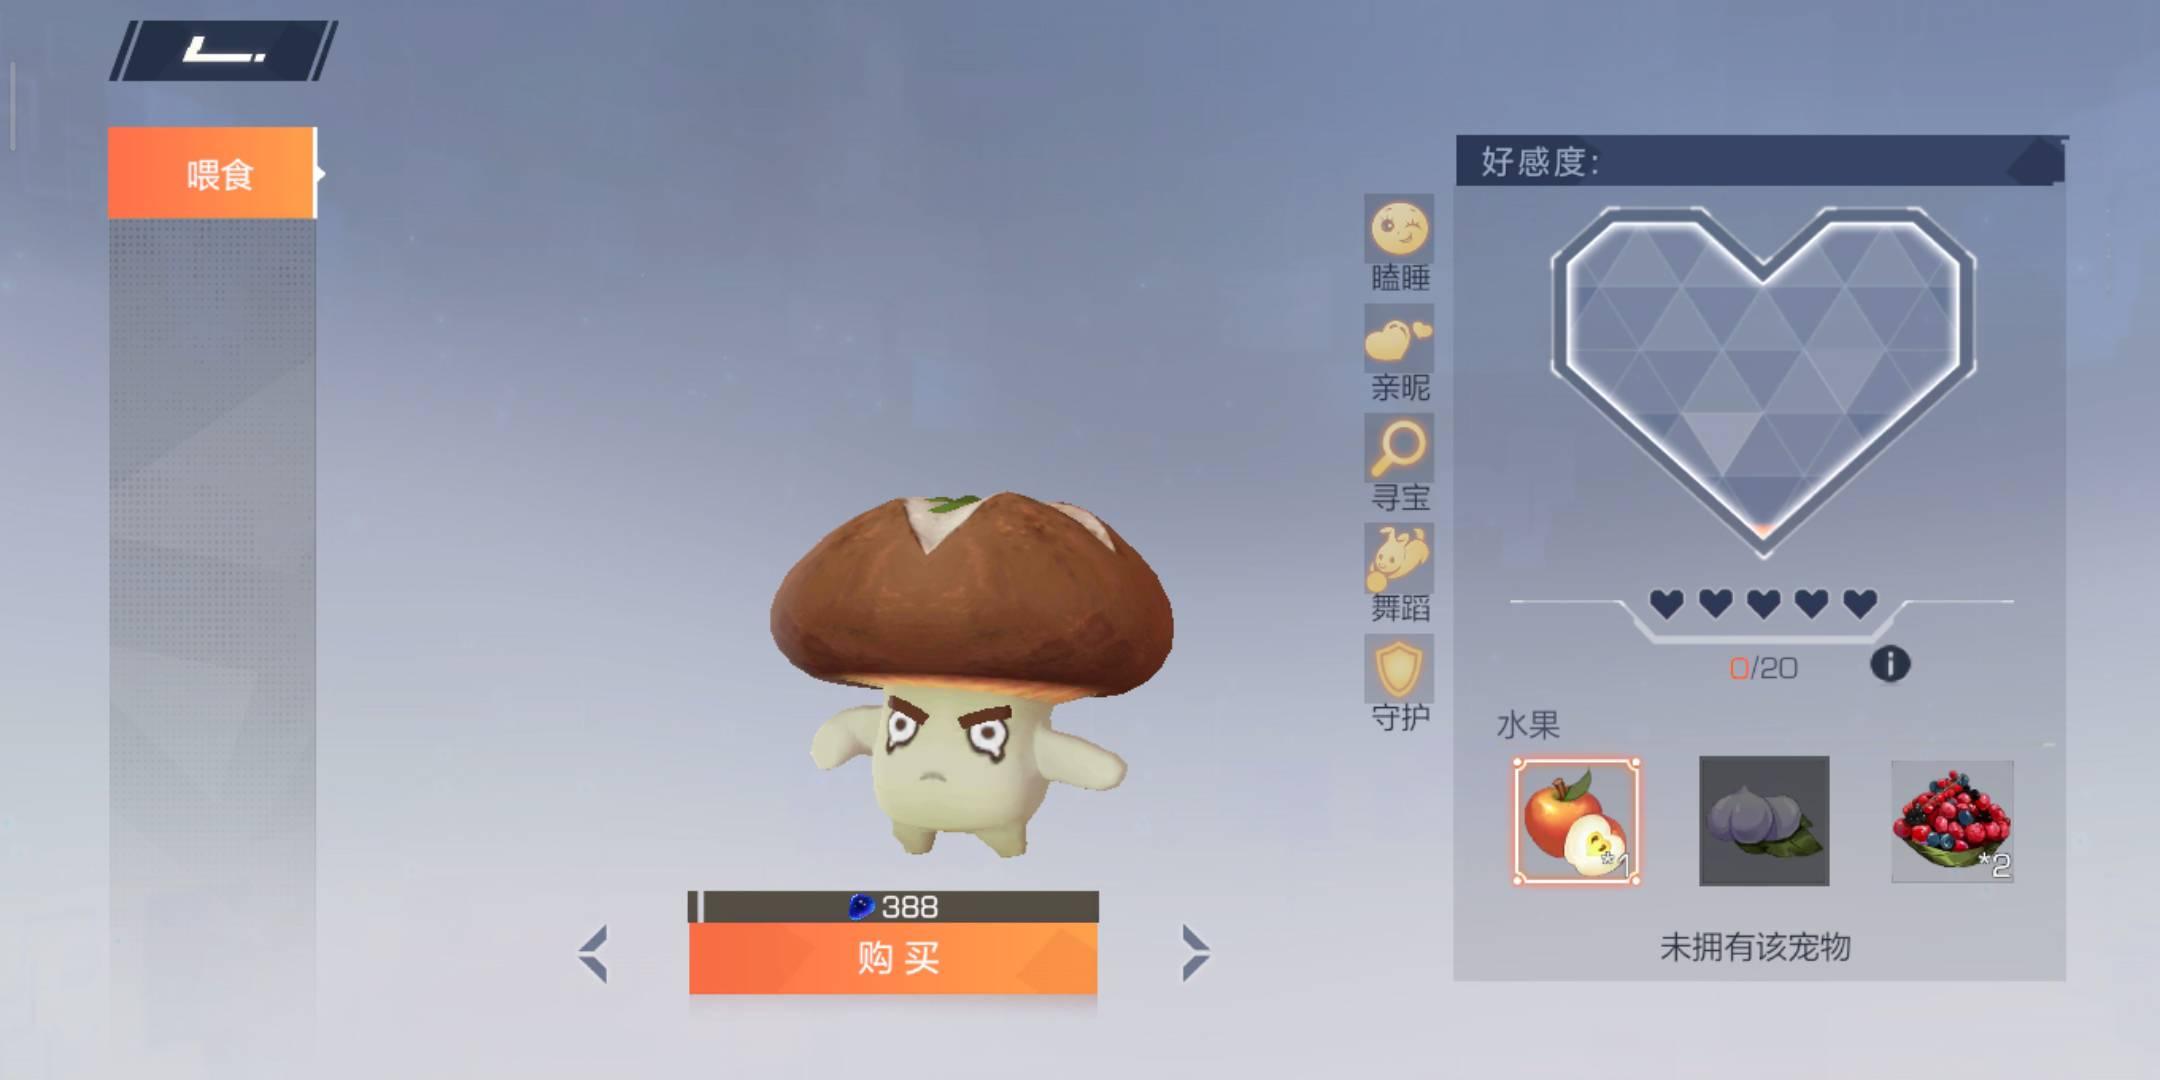 风云岛行动宠物香菇怎么样